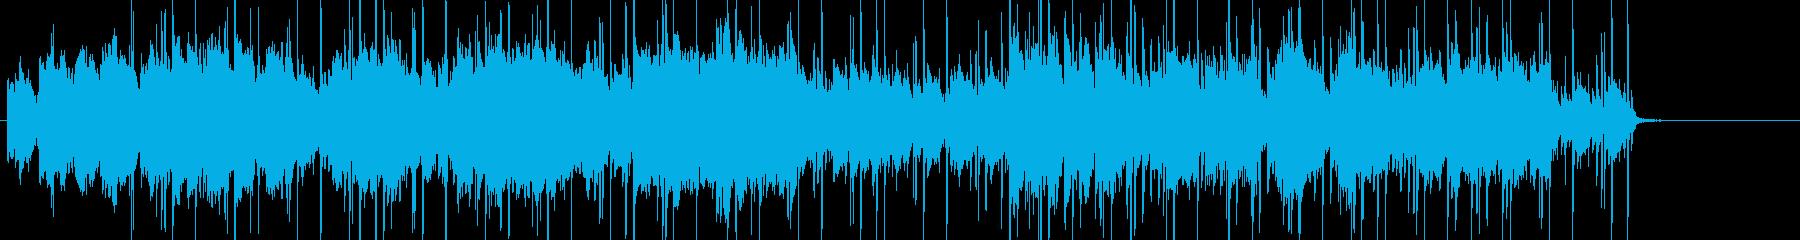 尺八とピアノの哀愁漂うHIPHOPの再生済みの波形